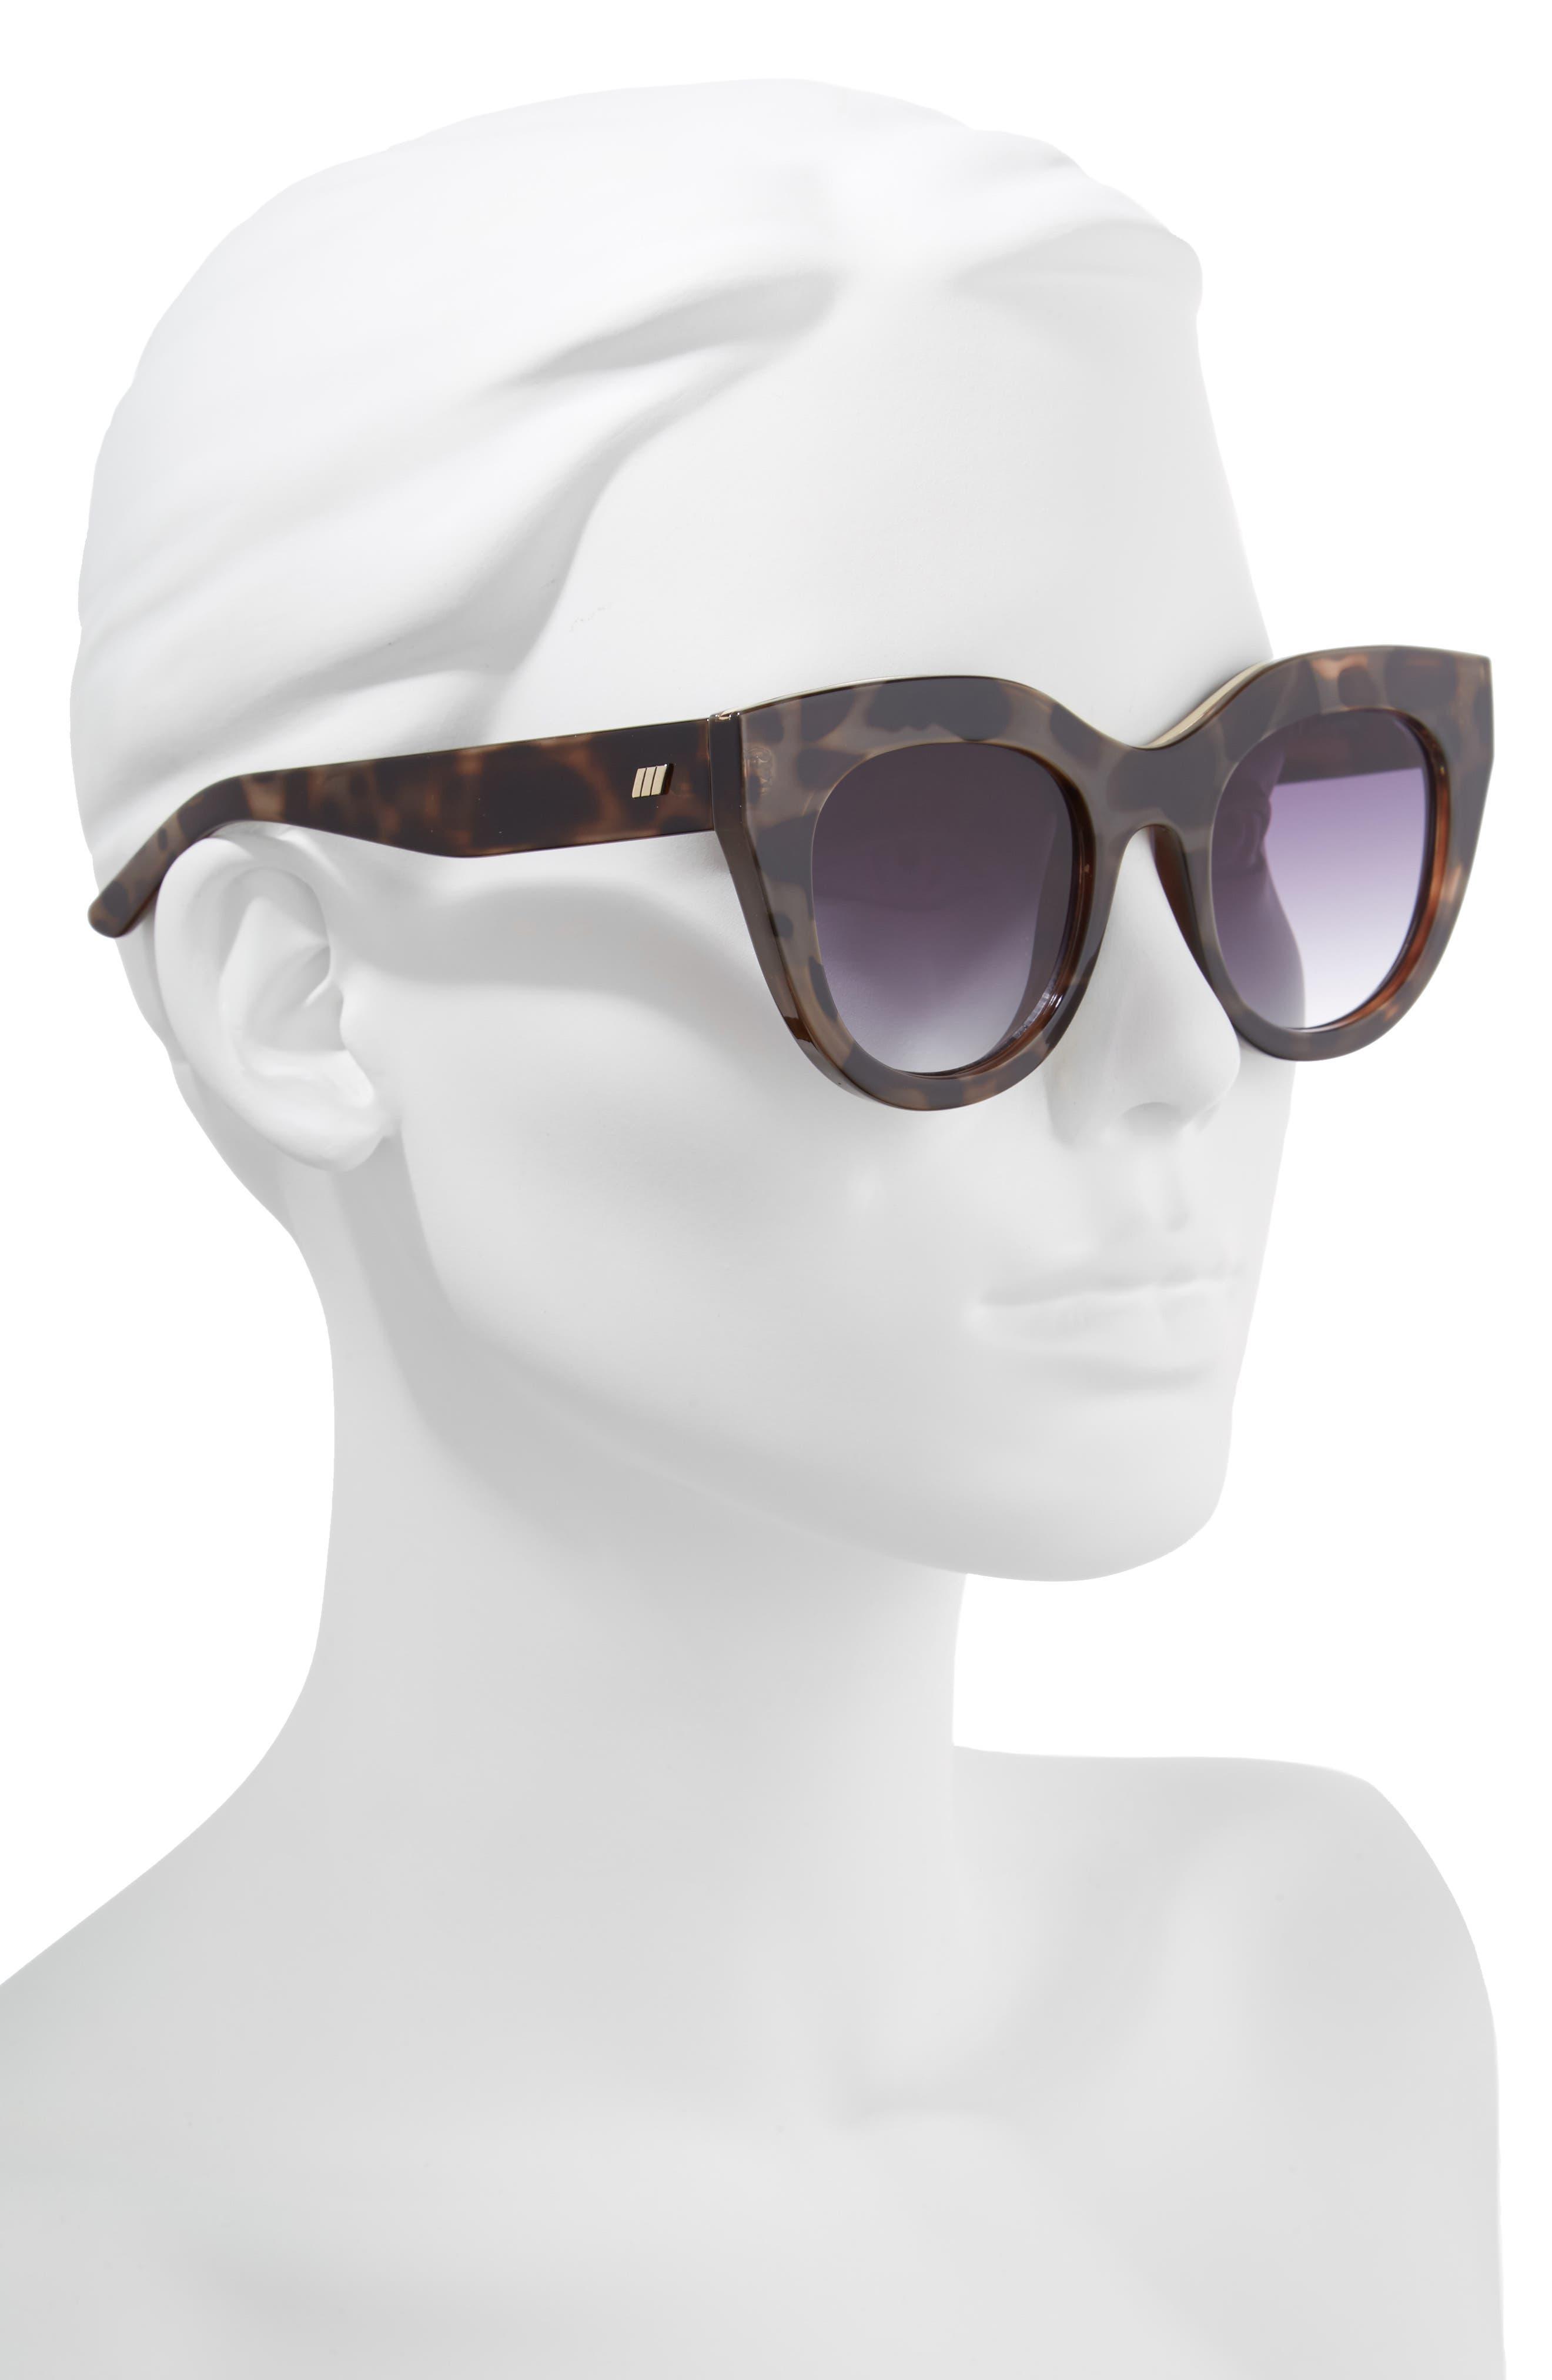 Air Heart 51mm Cat Eye Sunglasses,                             Alternate thumbnail 2, color,                             VOLCANIC TORTOISE